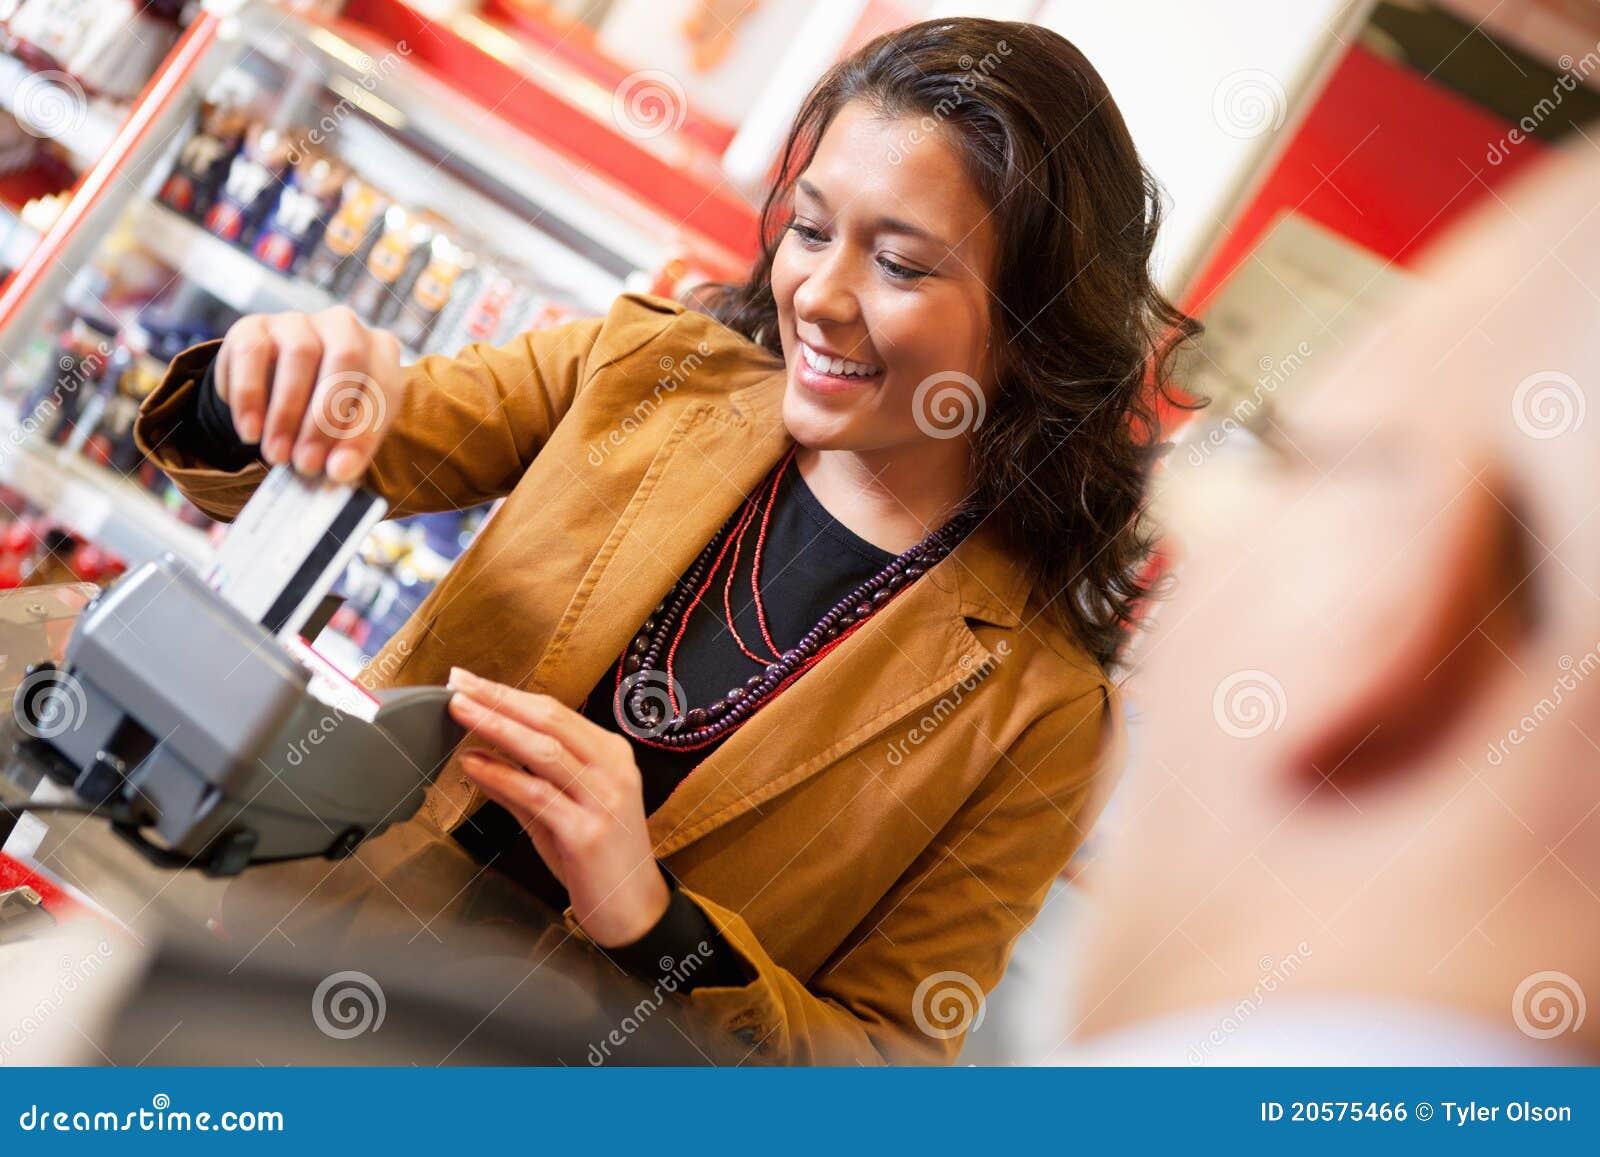 Assistentkortkreditering shoppar le nalla